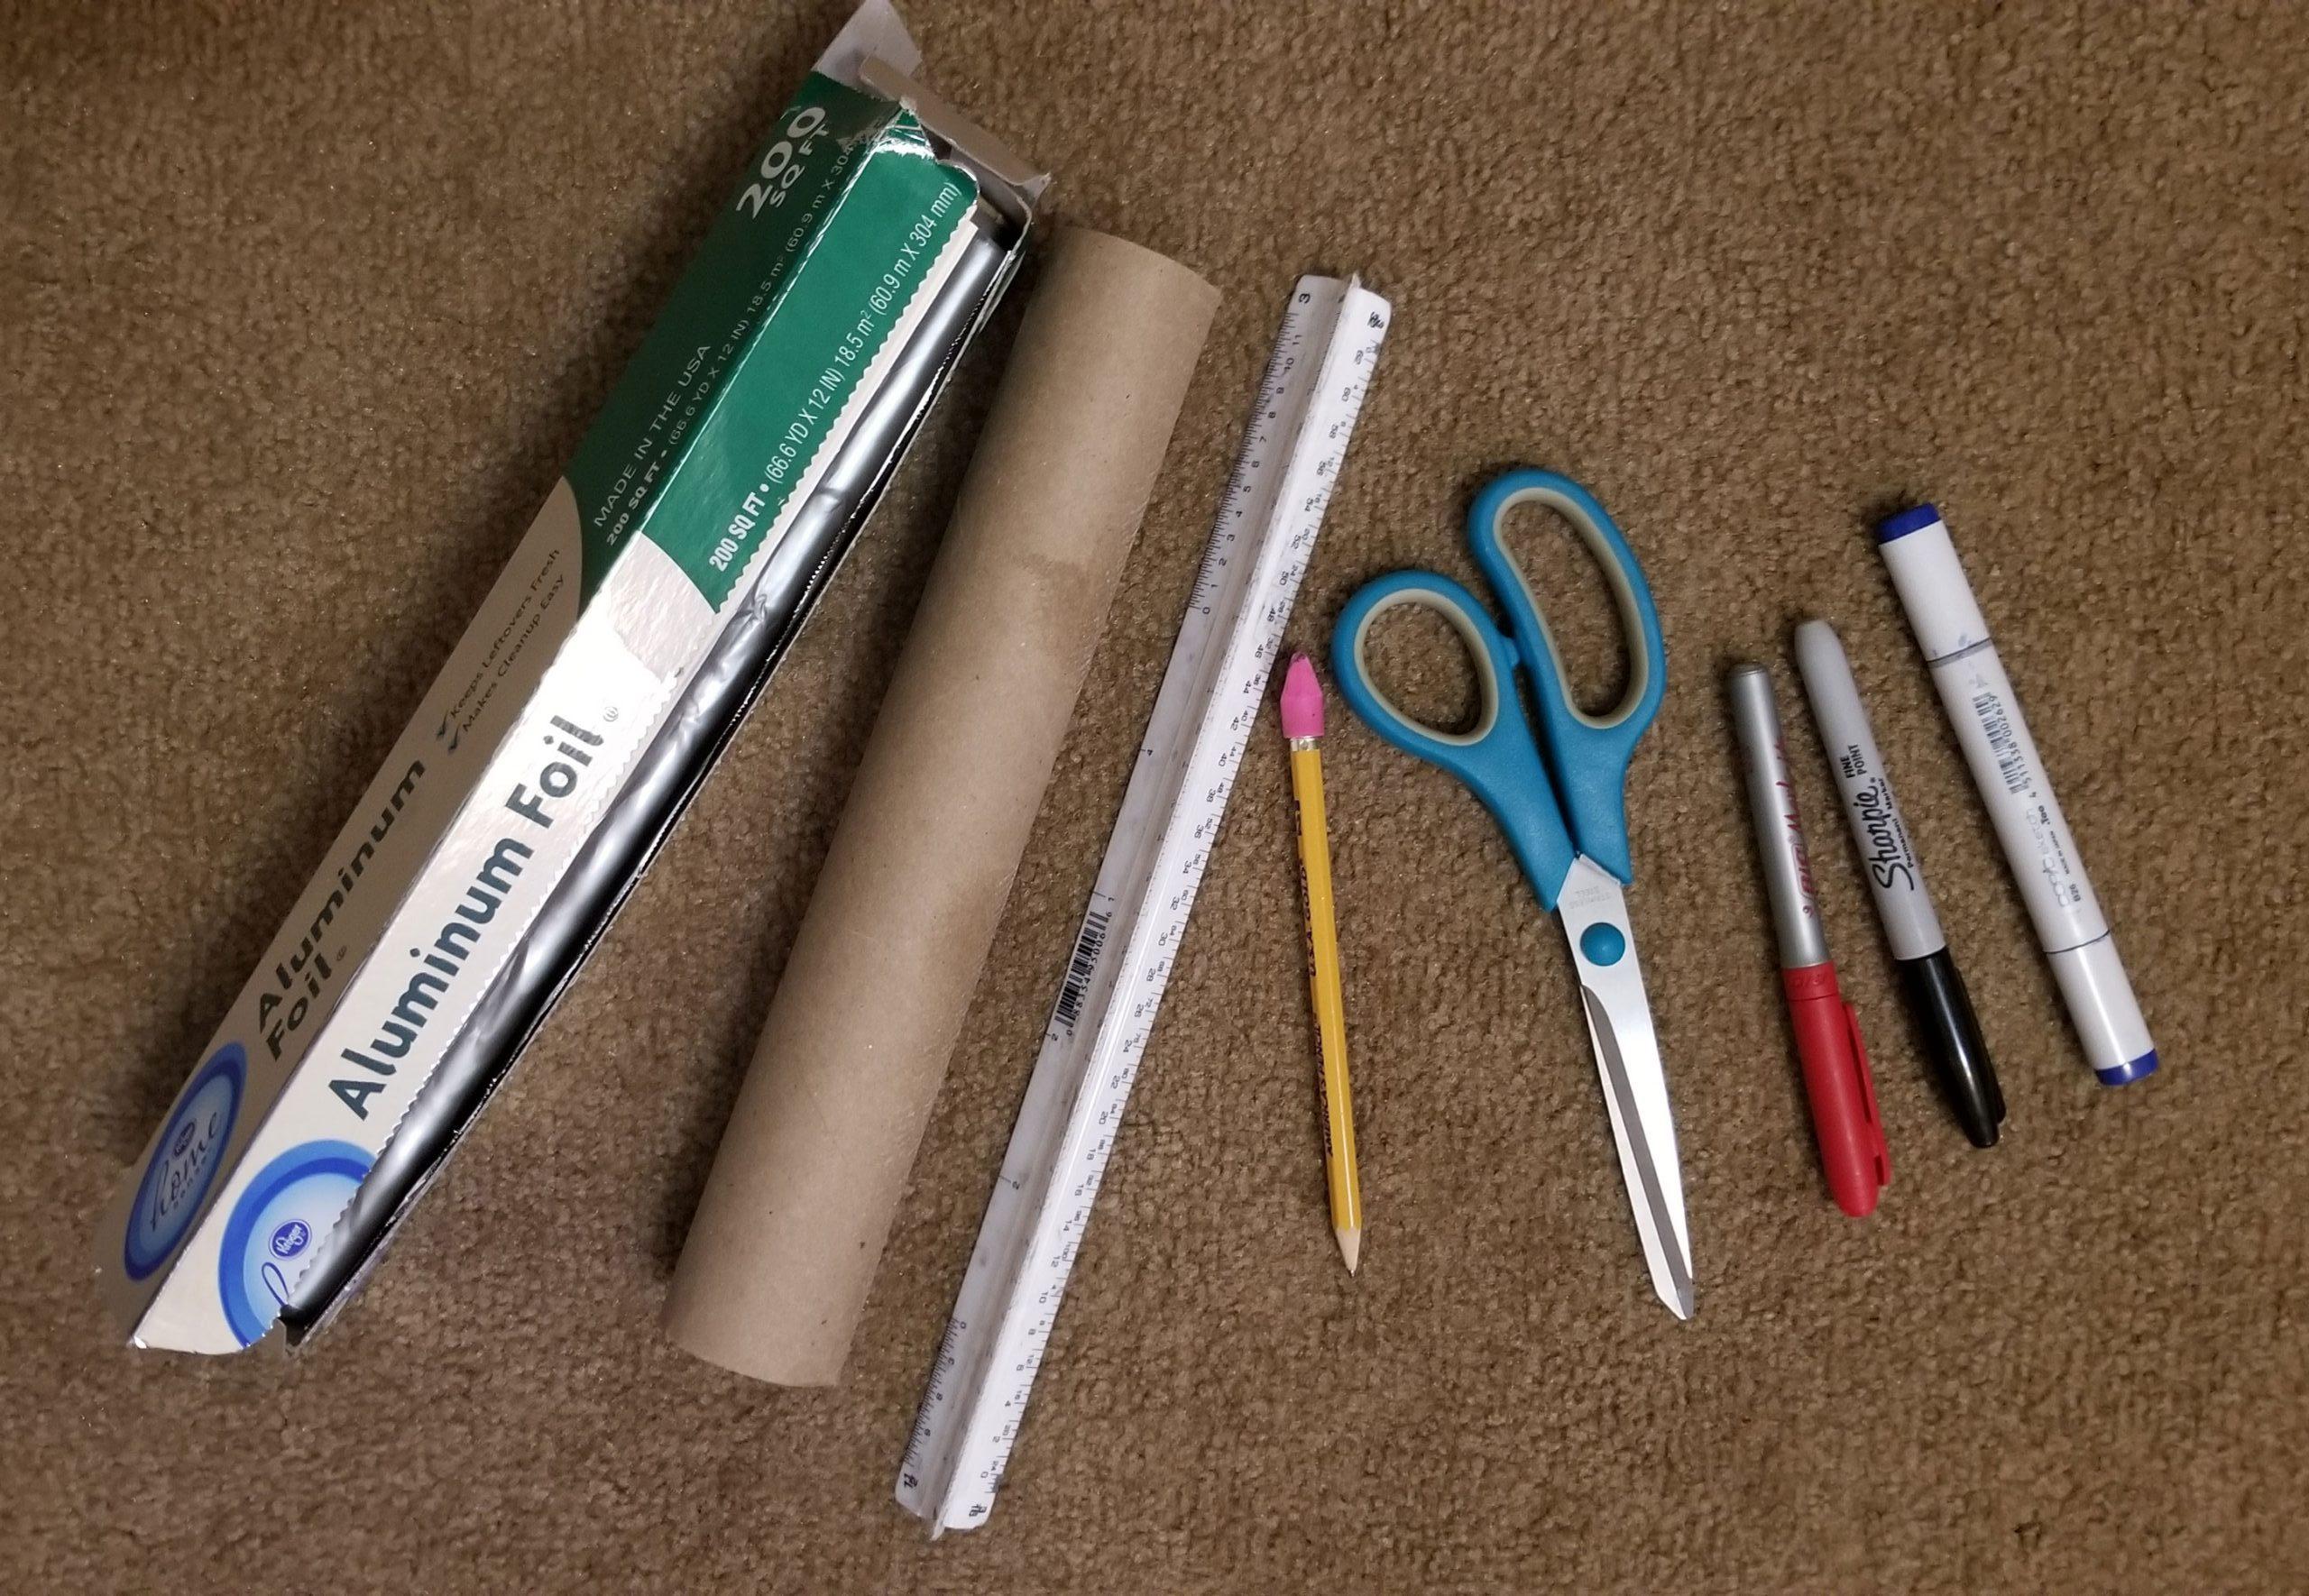 Art project materials, including scissors, pencil and foil.